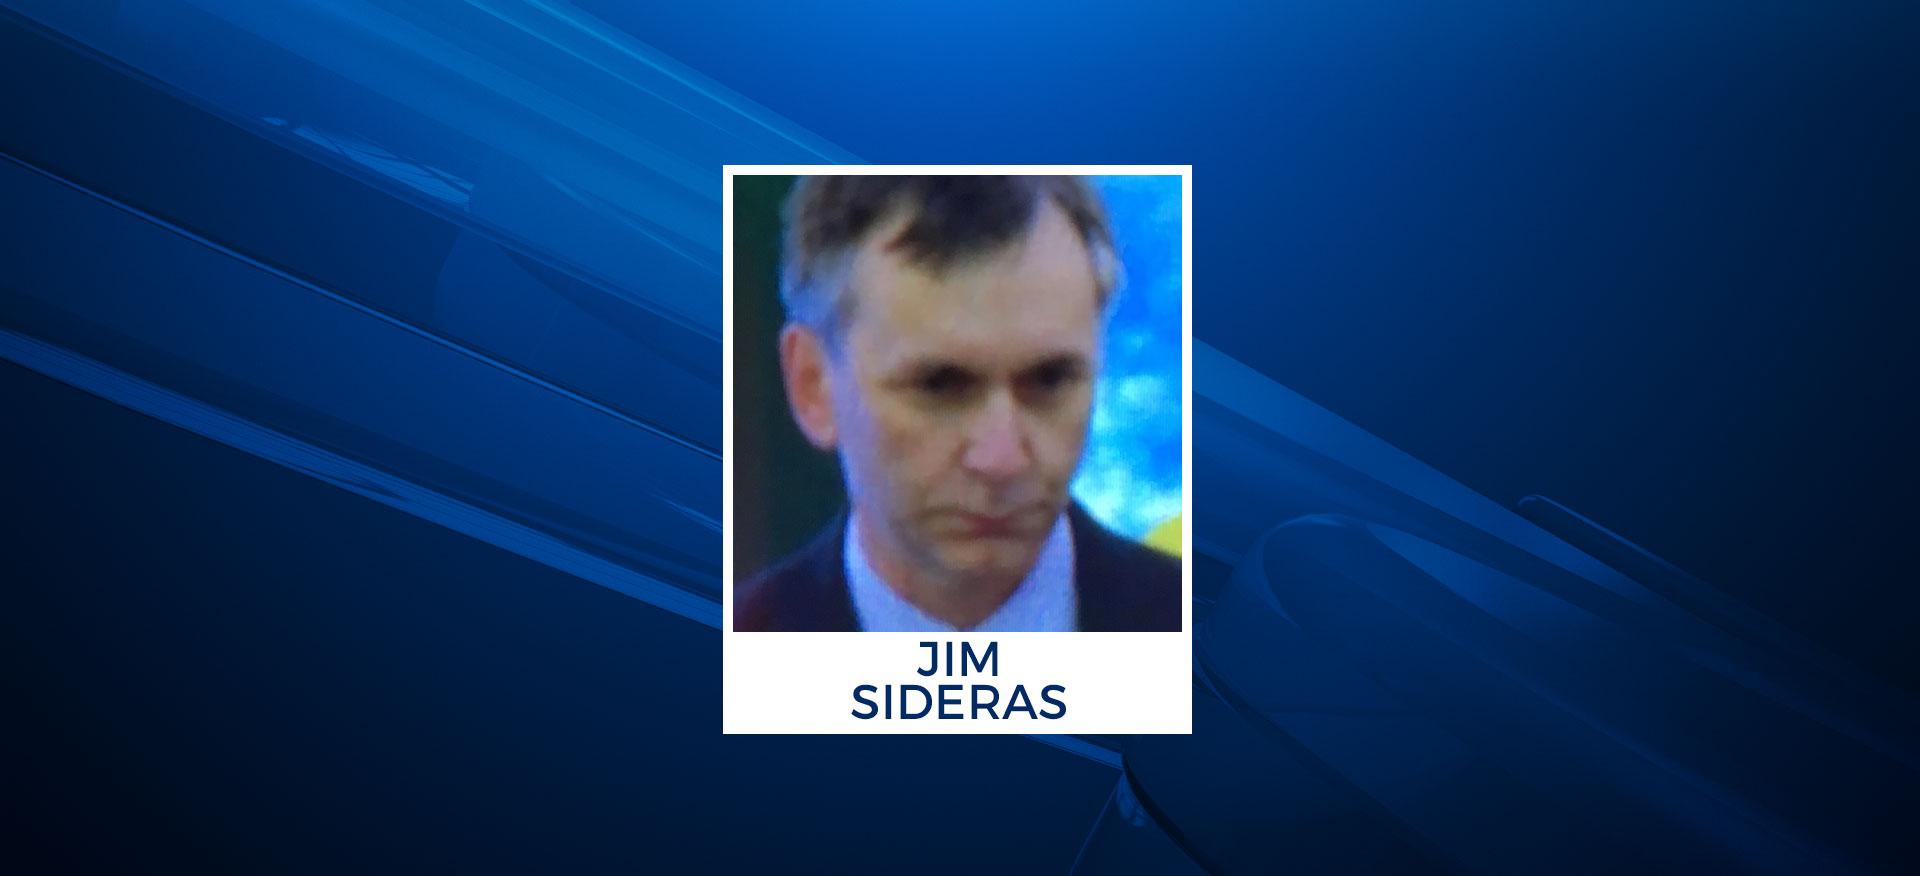 Jim Sideras